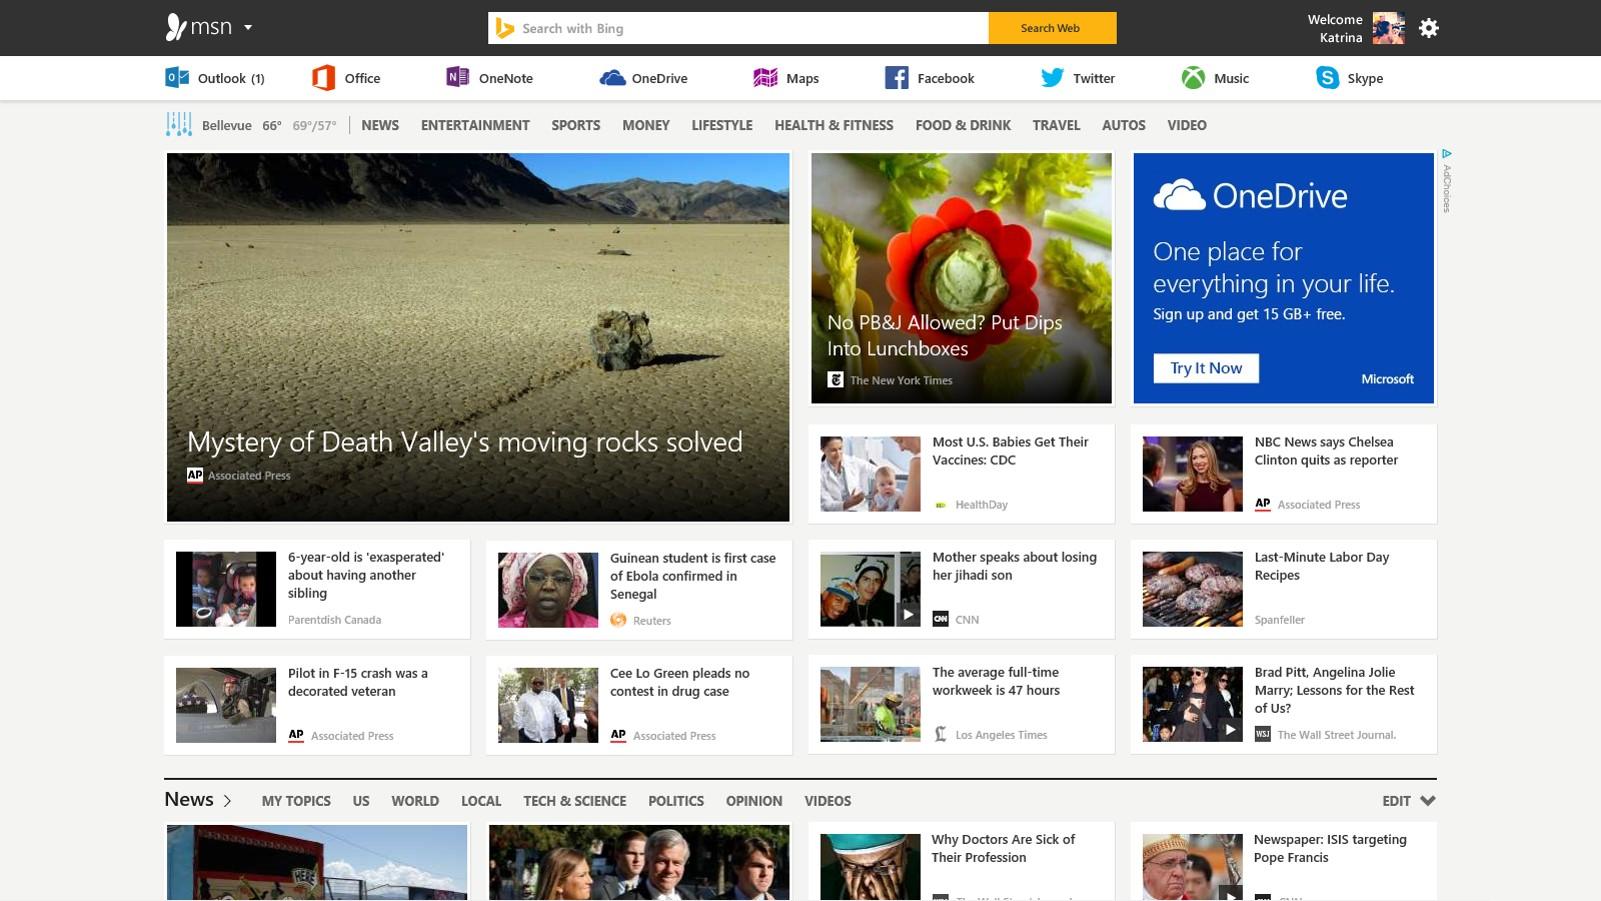 msn portal revamed bing mobile apps to be rebranded msn